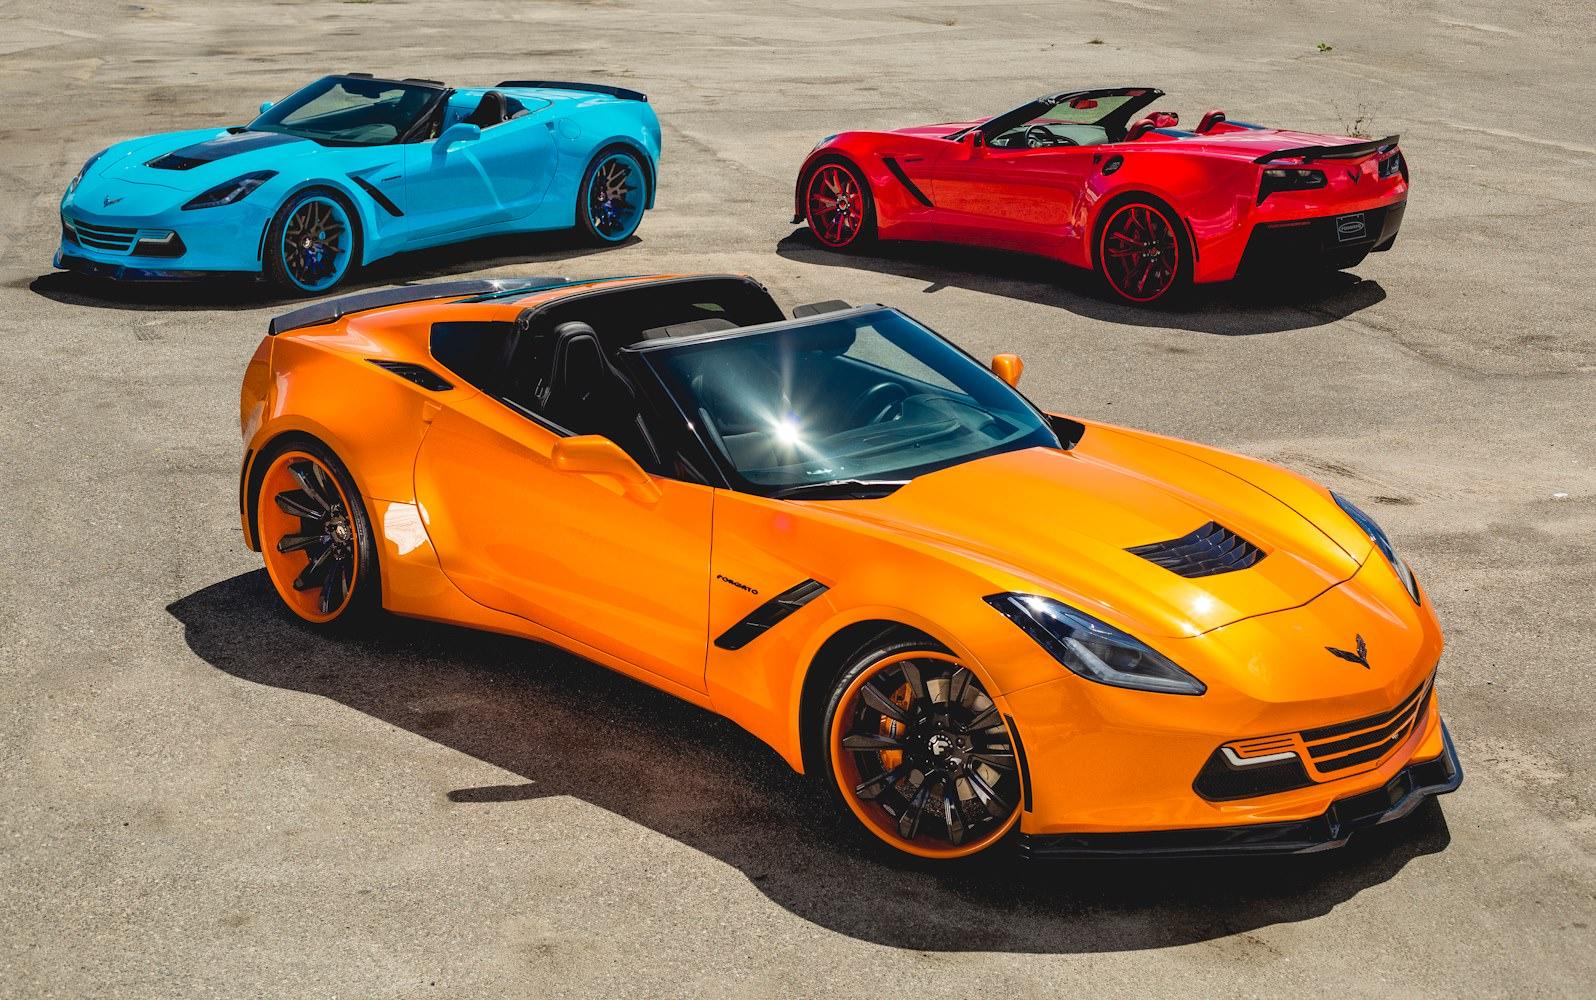 widebody-c7-corvette-trio-looks-poisonously-sexy-video_7-1